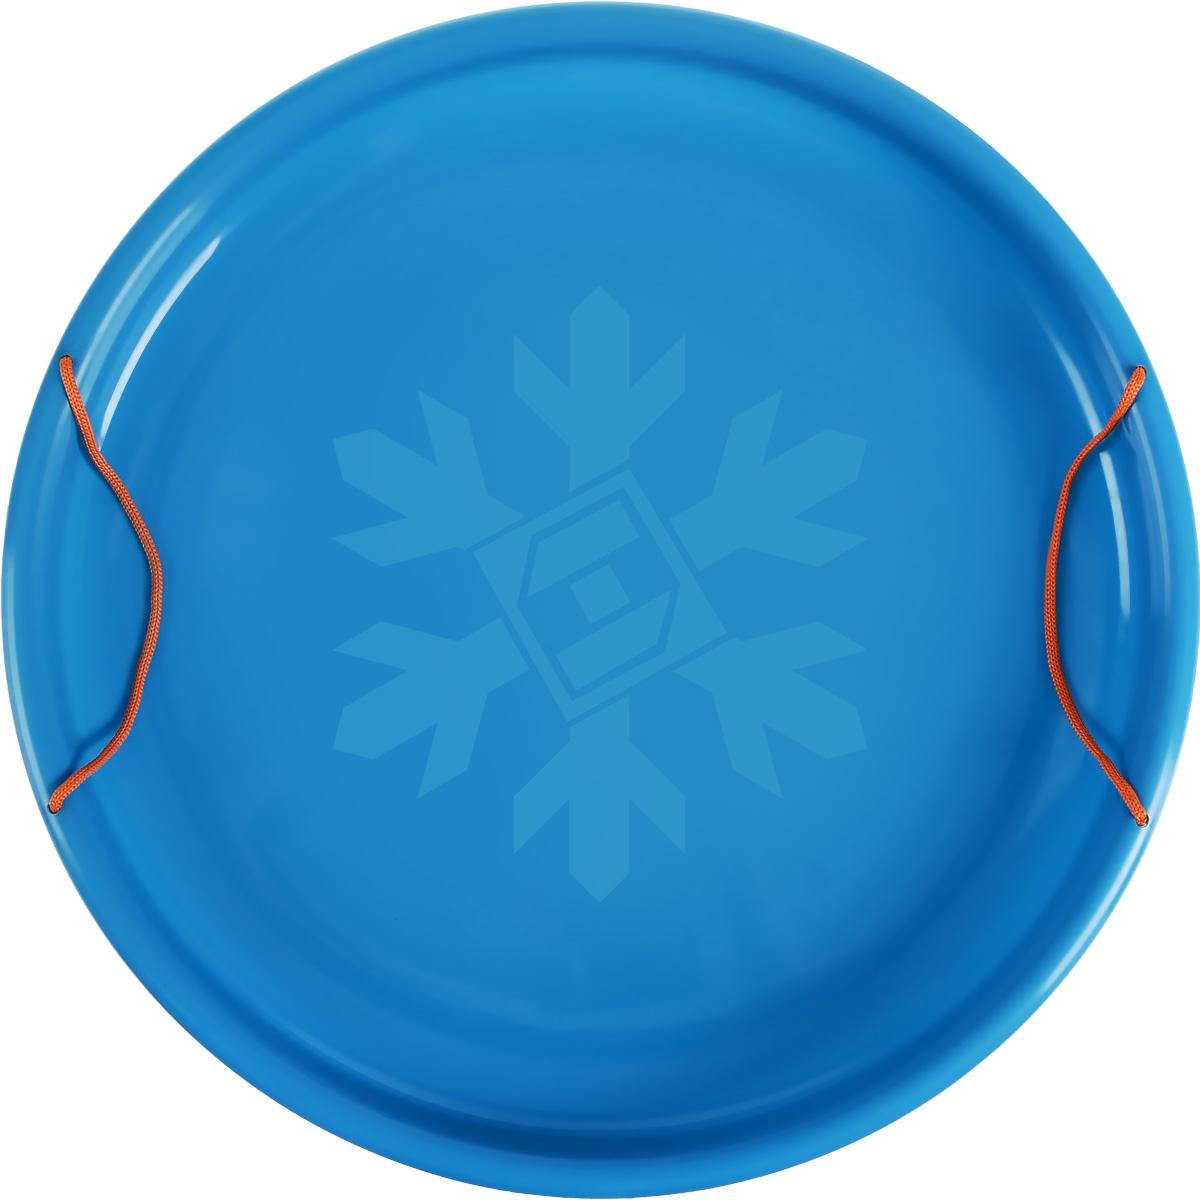 """Санки-ледянки Престиж """"Экстрим"""", цвет: голубой, диаметр 53 см"""